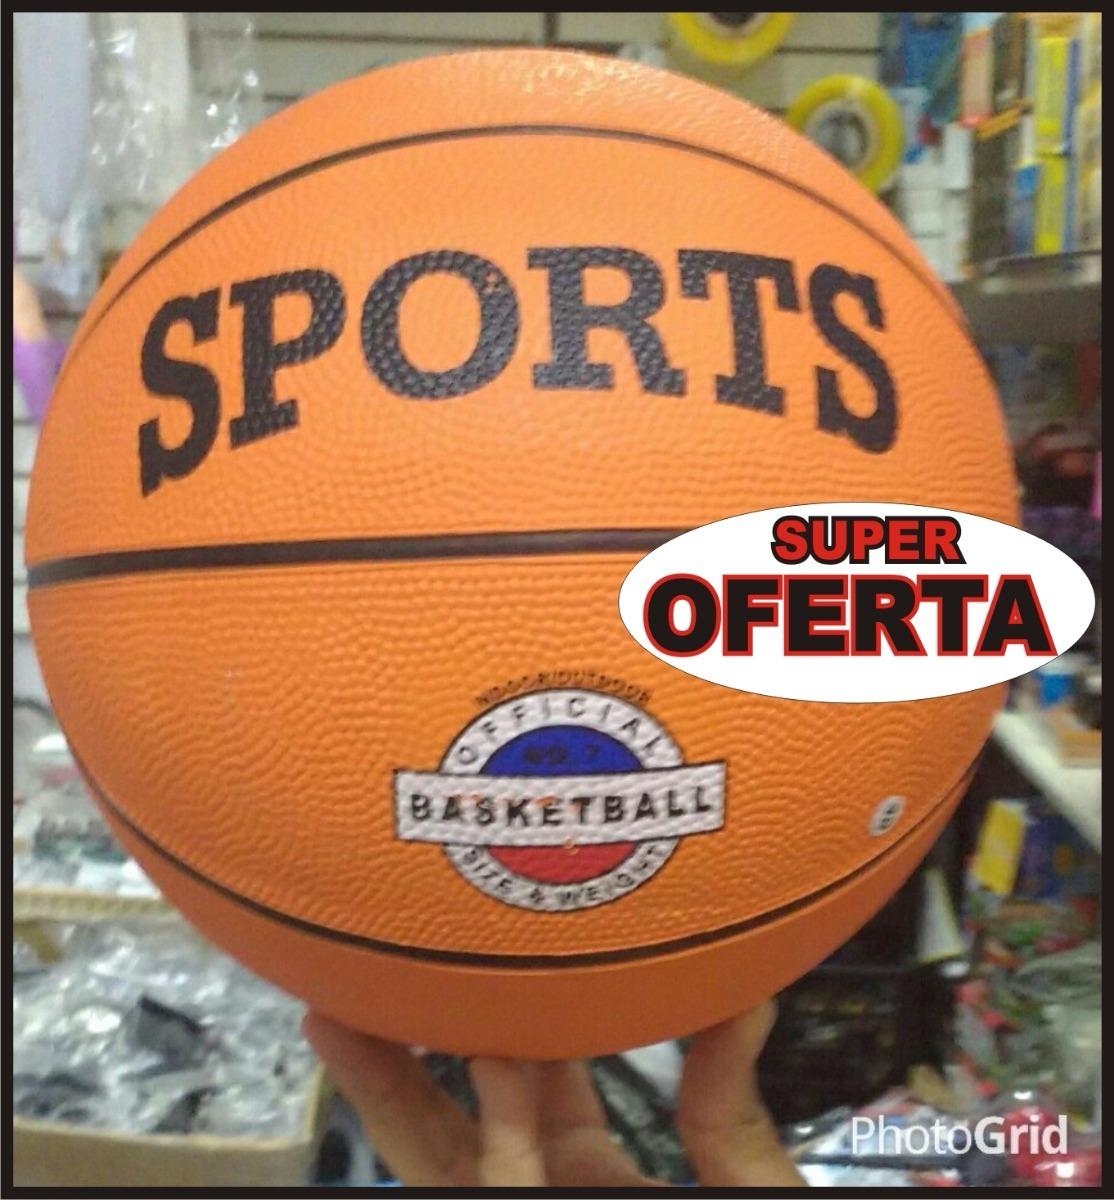 09c83a3ca16a5 bola de basket ball basquete sports official super oferta. Carregando zoom.